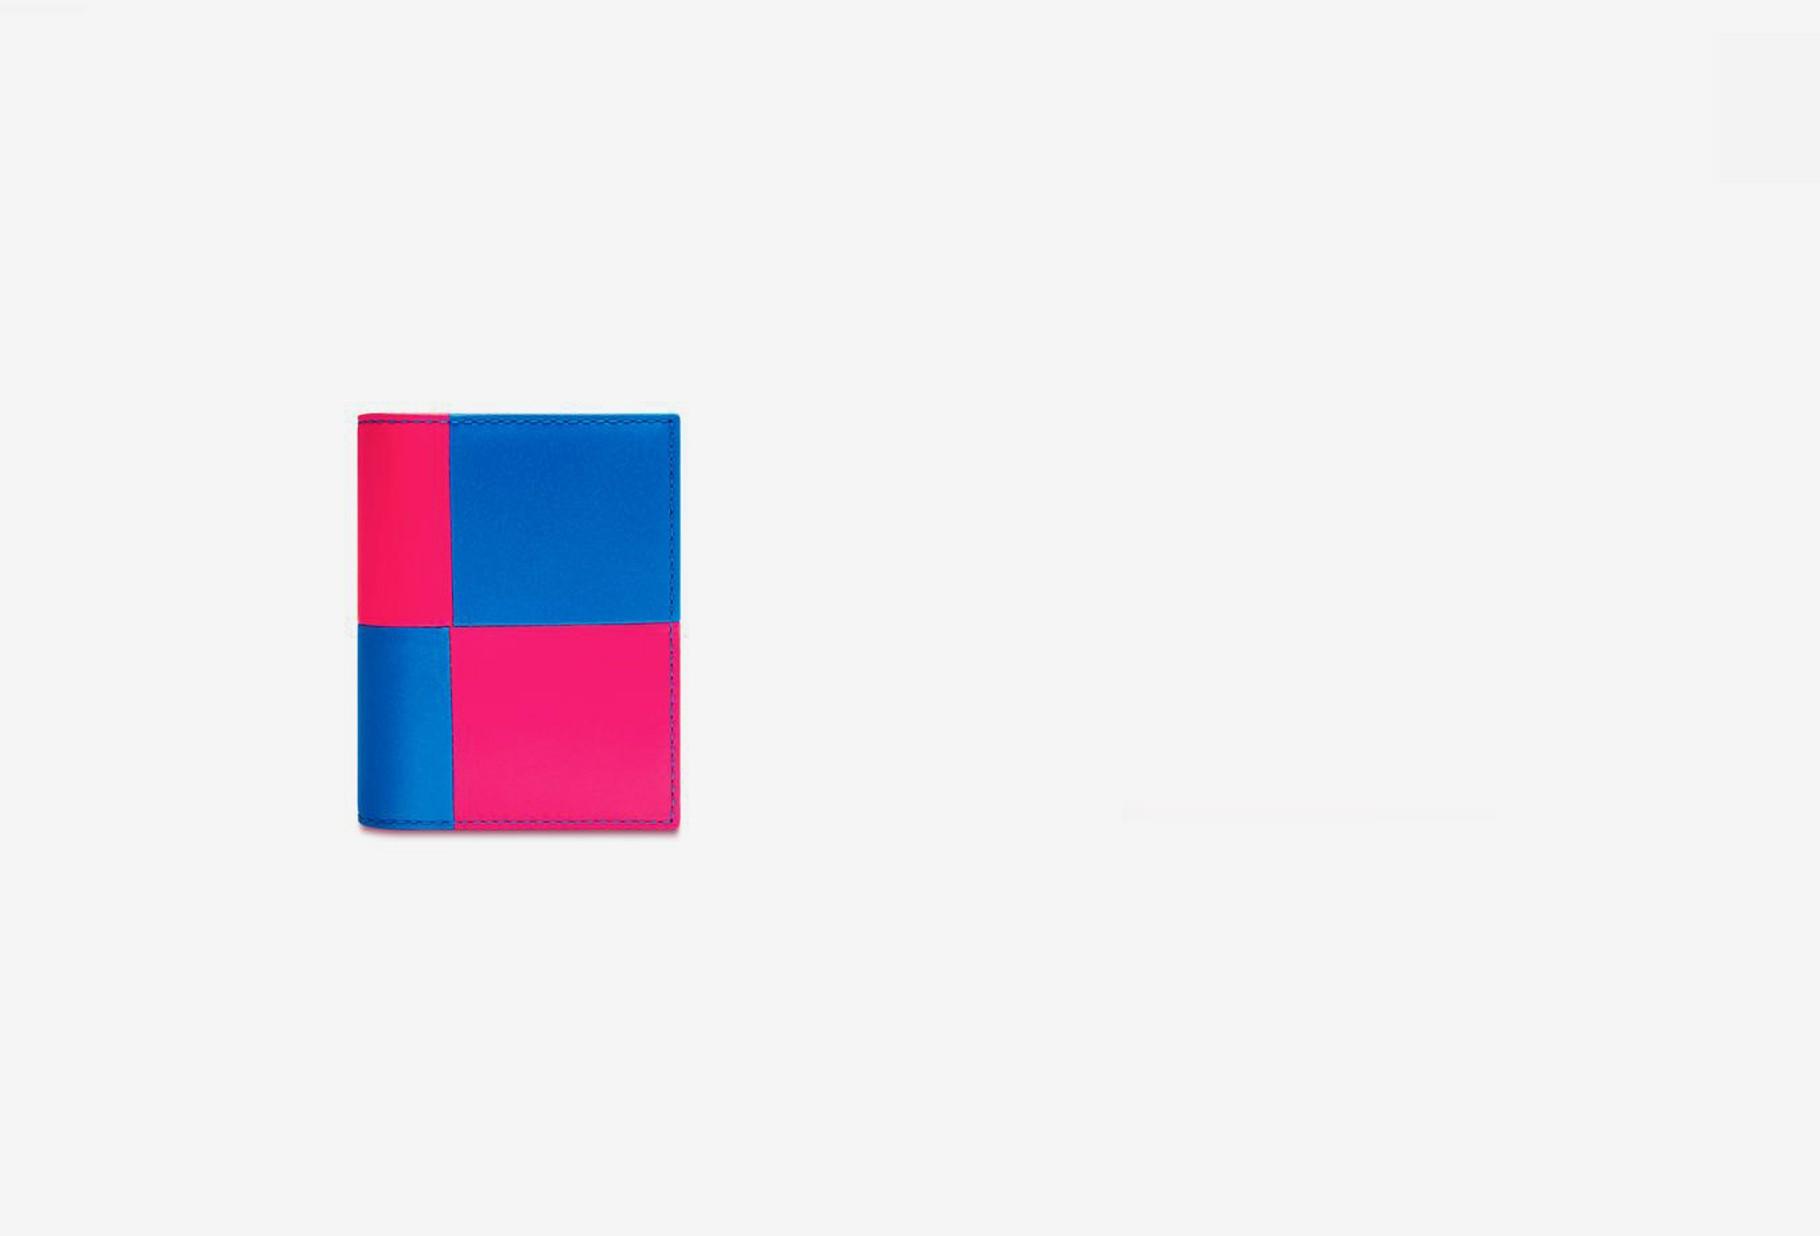 COMME DES GARÇONS WALLETS / Cdg wallet fluo squares Sa0641fs pink blue